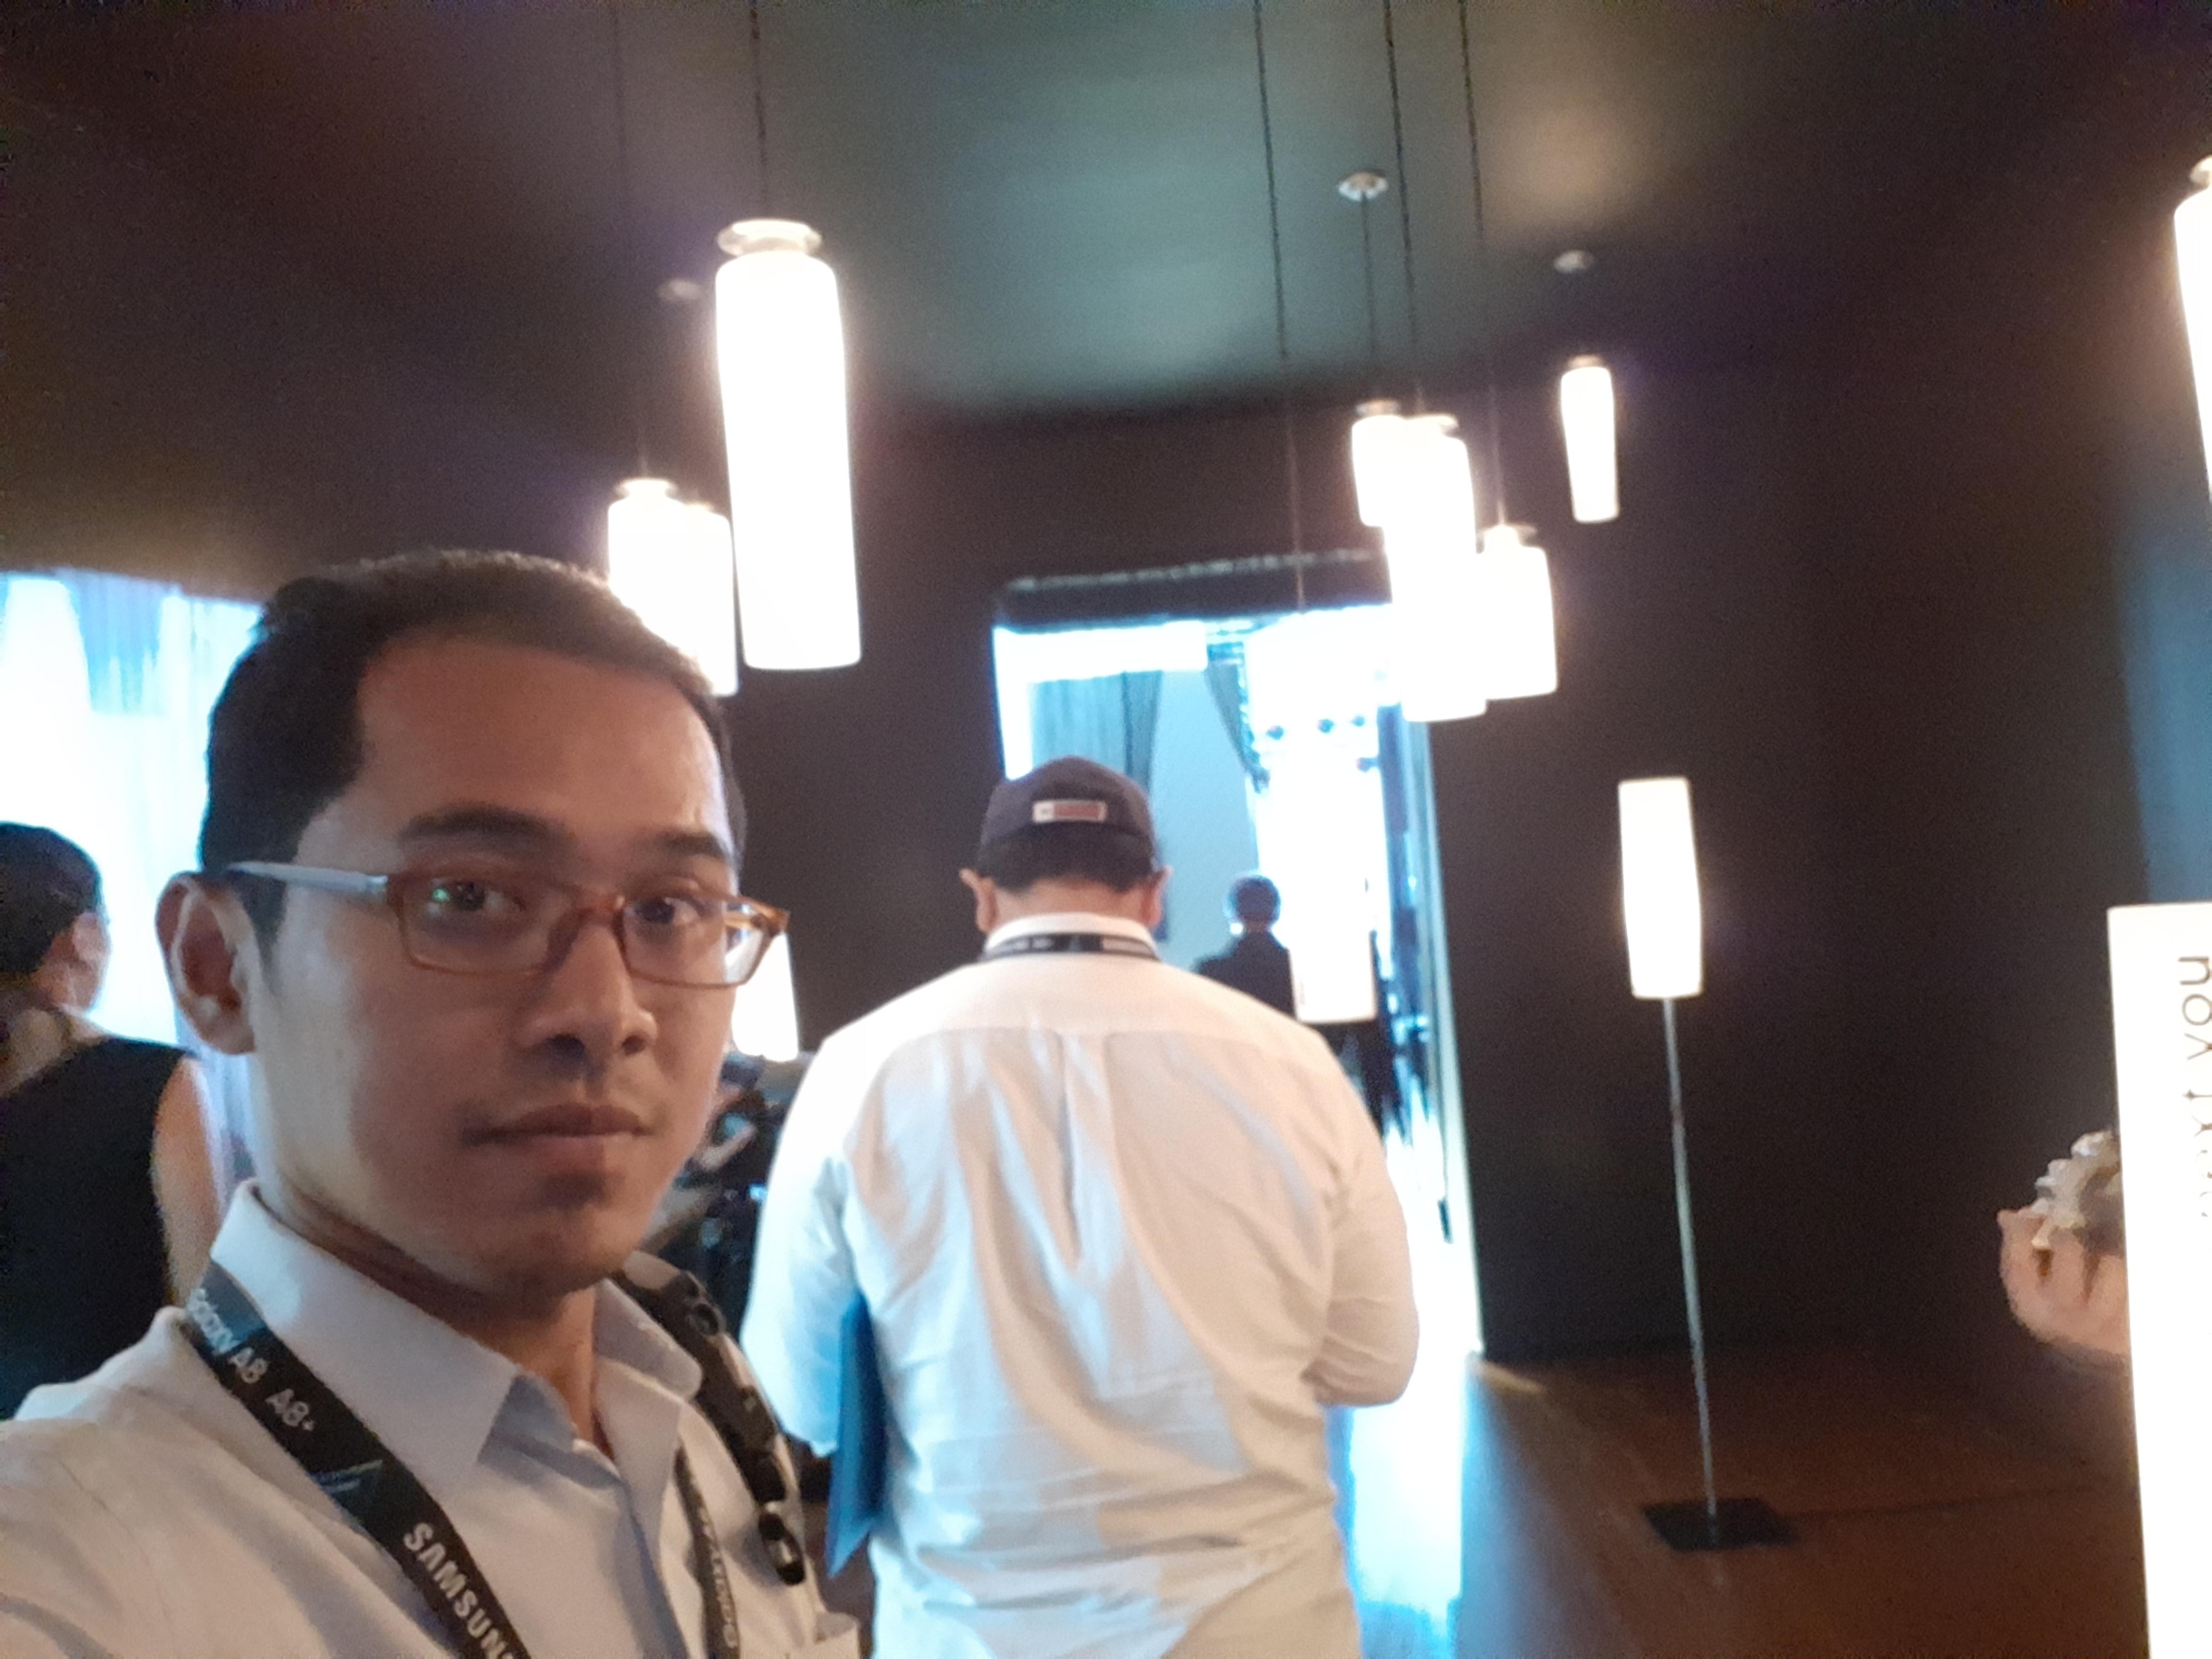 Hasil foto selfe Galaxy A8 2018 di kondisi ruangan yang bisa dikatakan gelap.